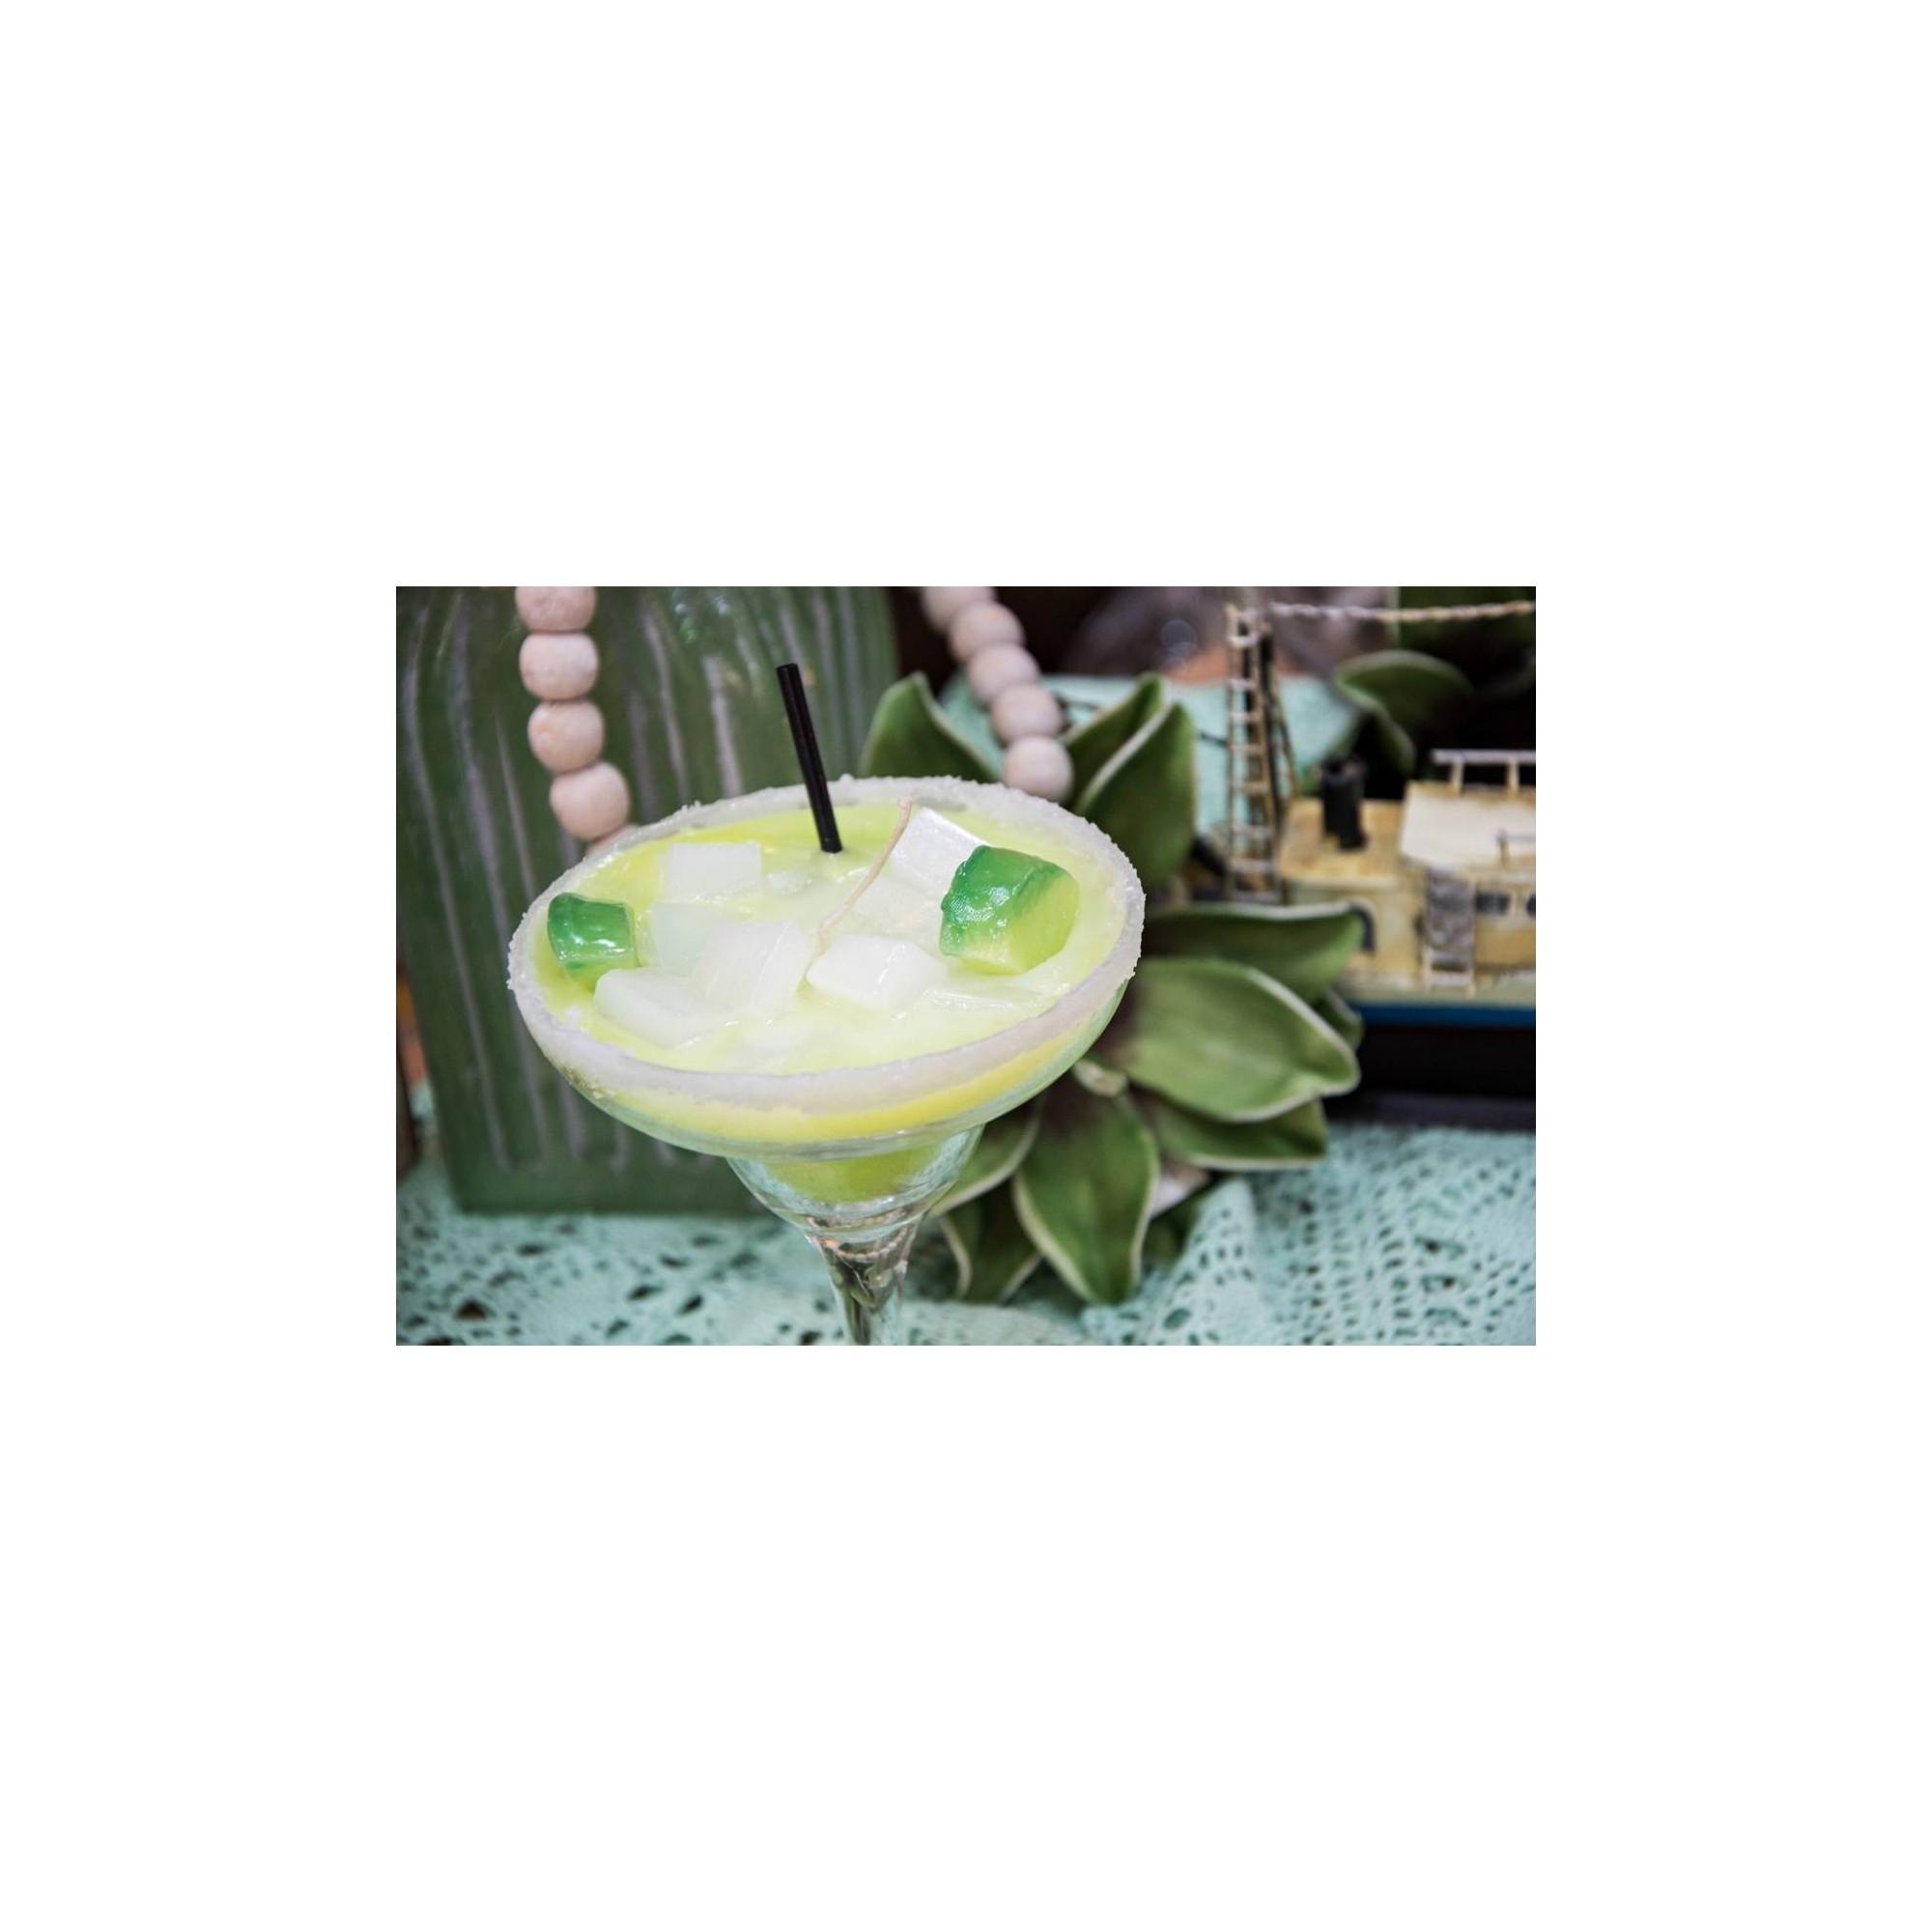 Λαμπάδα ποτήρι κοκτέιλ μαργαρίτα - G0873